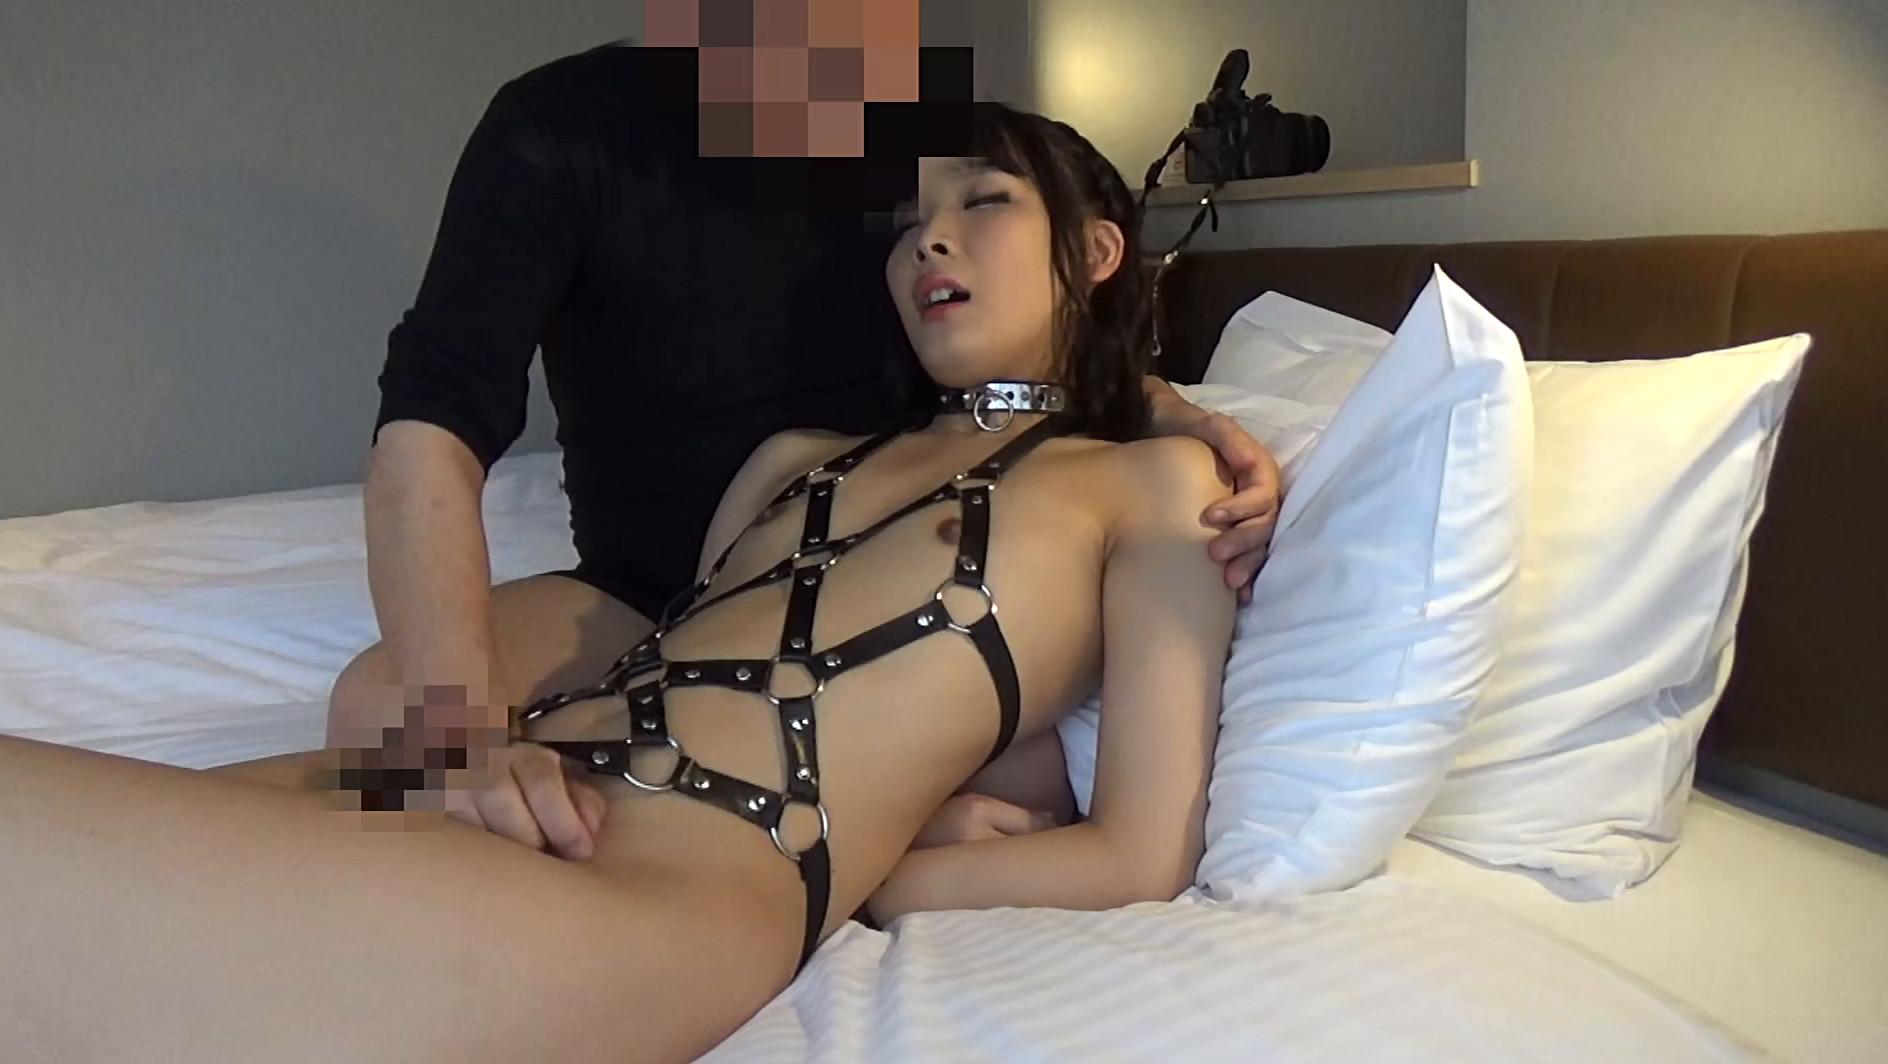 カチクオトコノコ 3 美形トランス淫乱ペット【ベアトリクス】 画像14